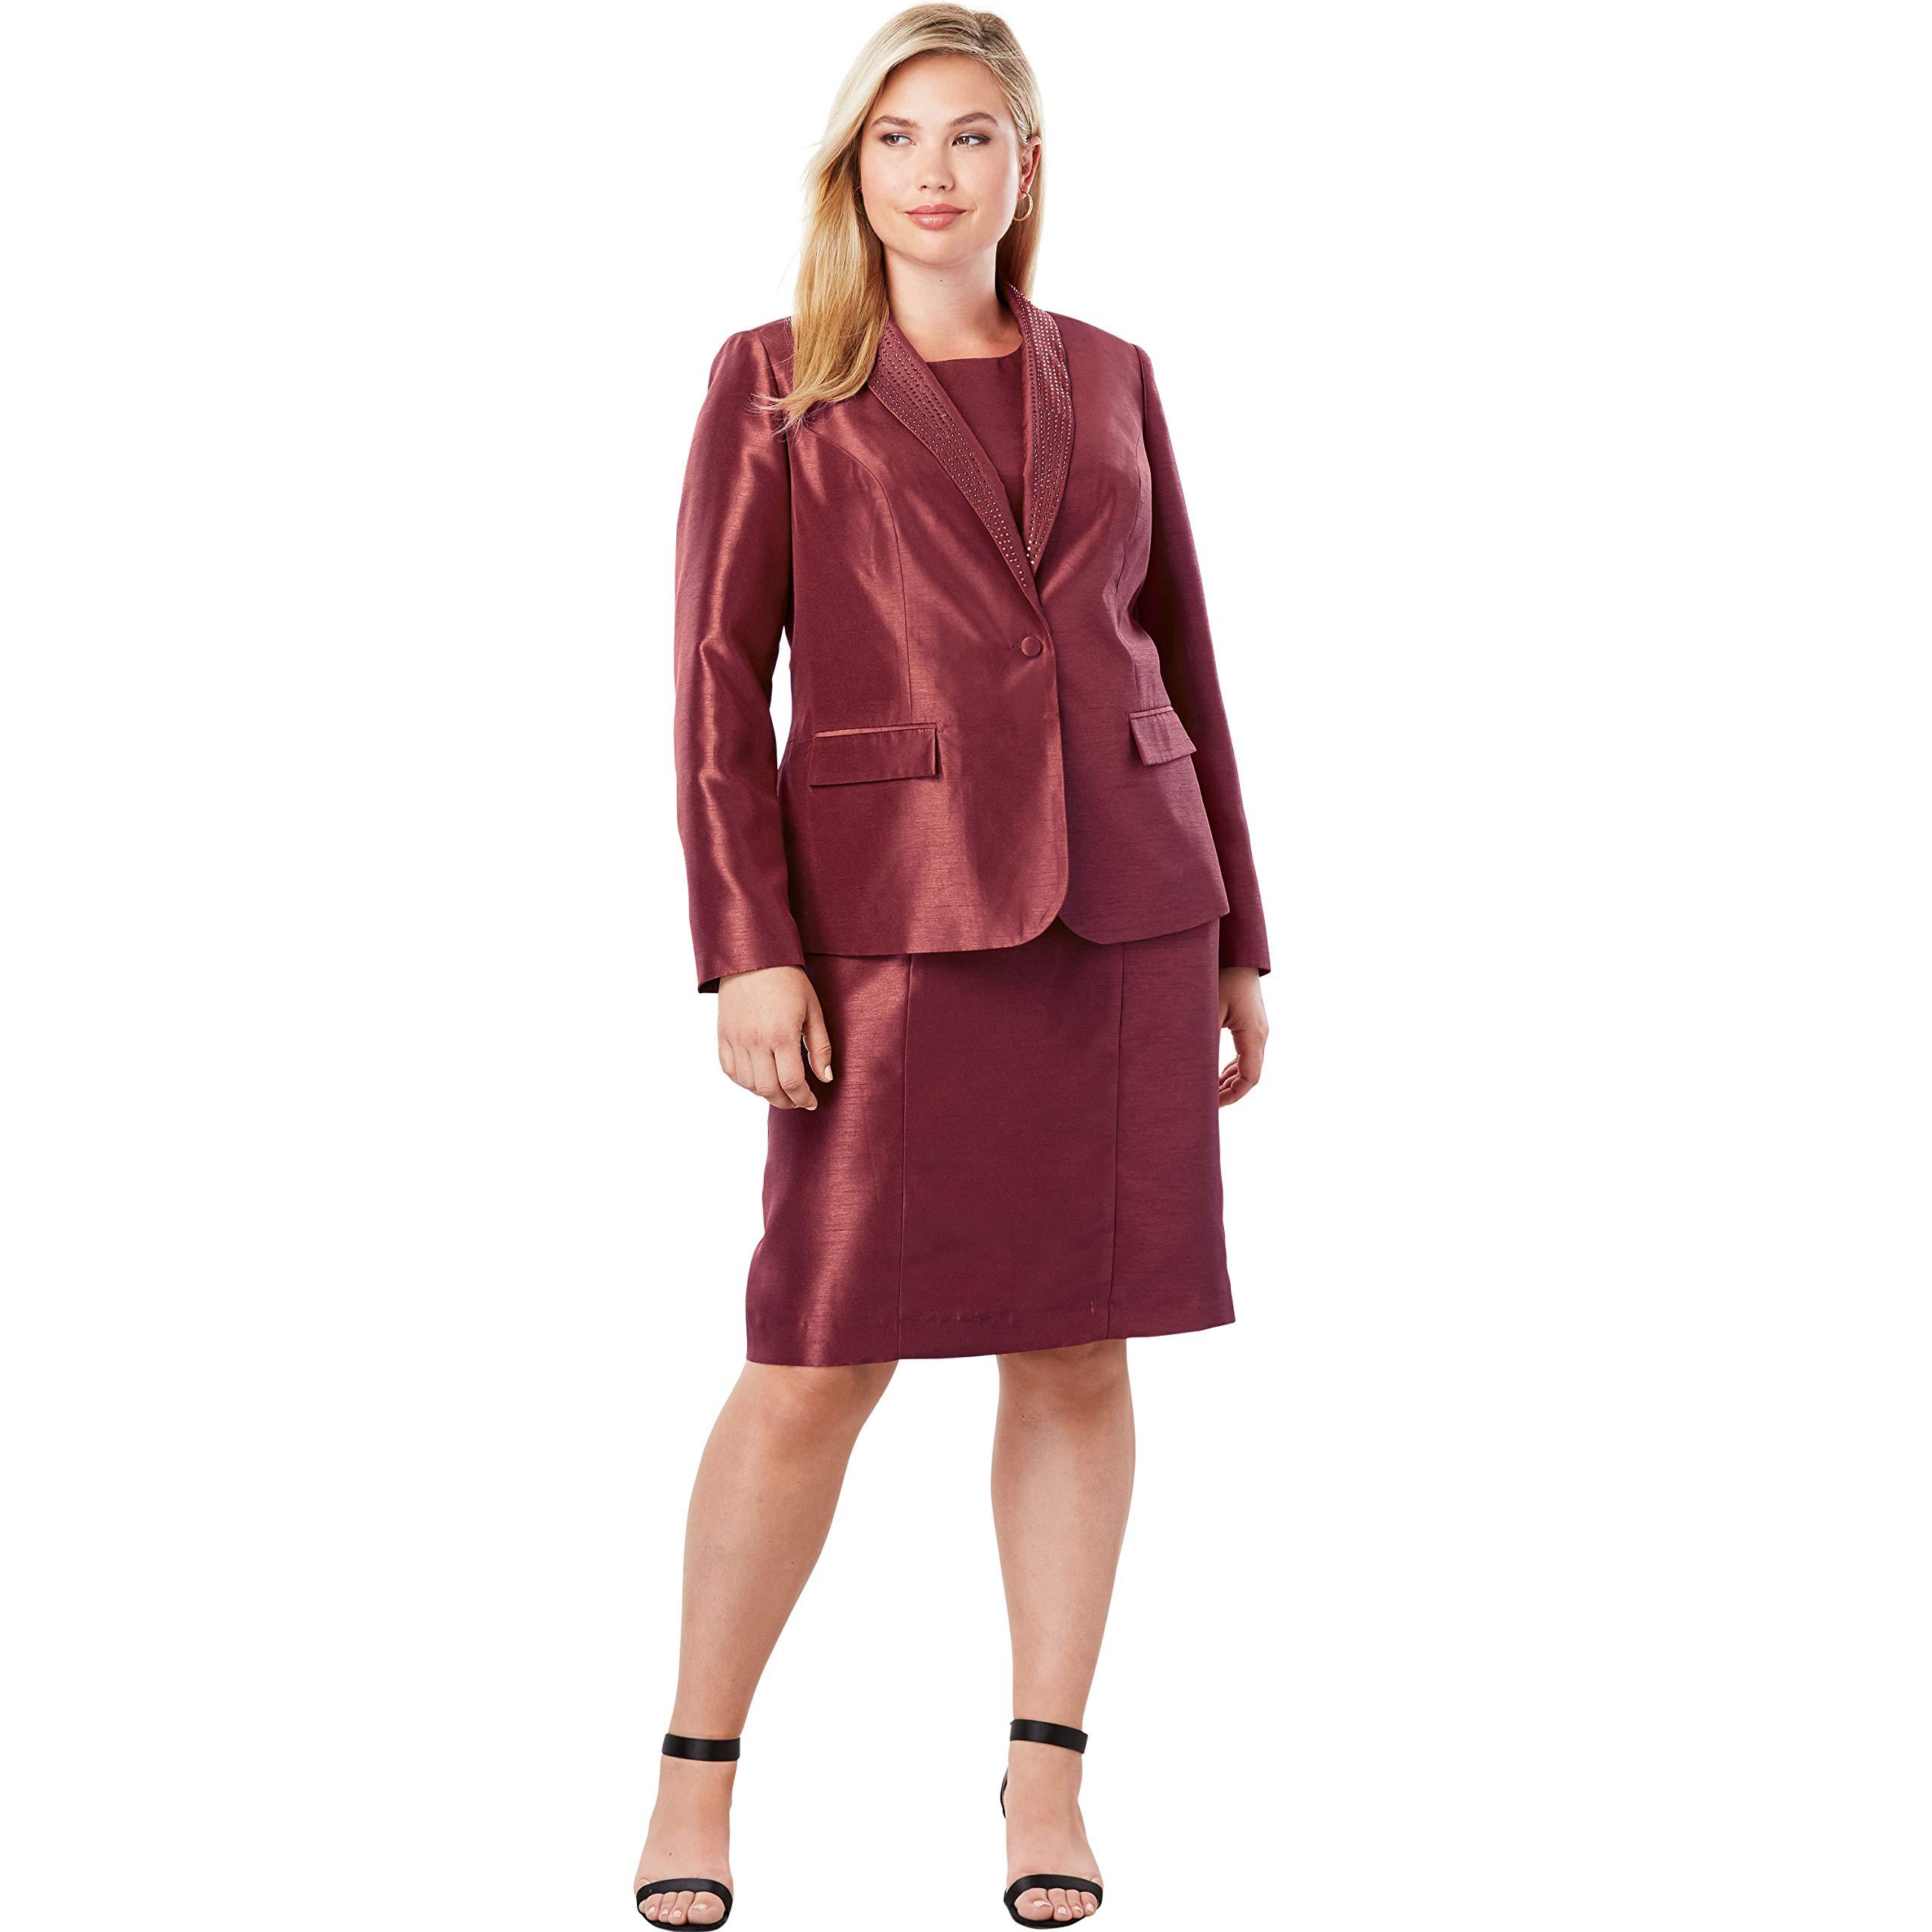 Jessica London Women's Plus Size Jewel Jacket Dress - Burgundy, 24 W by Jessica London